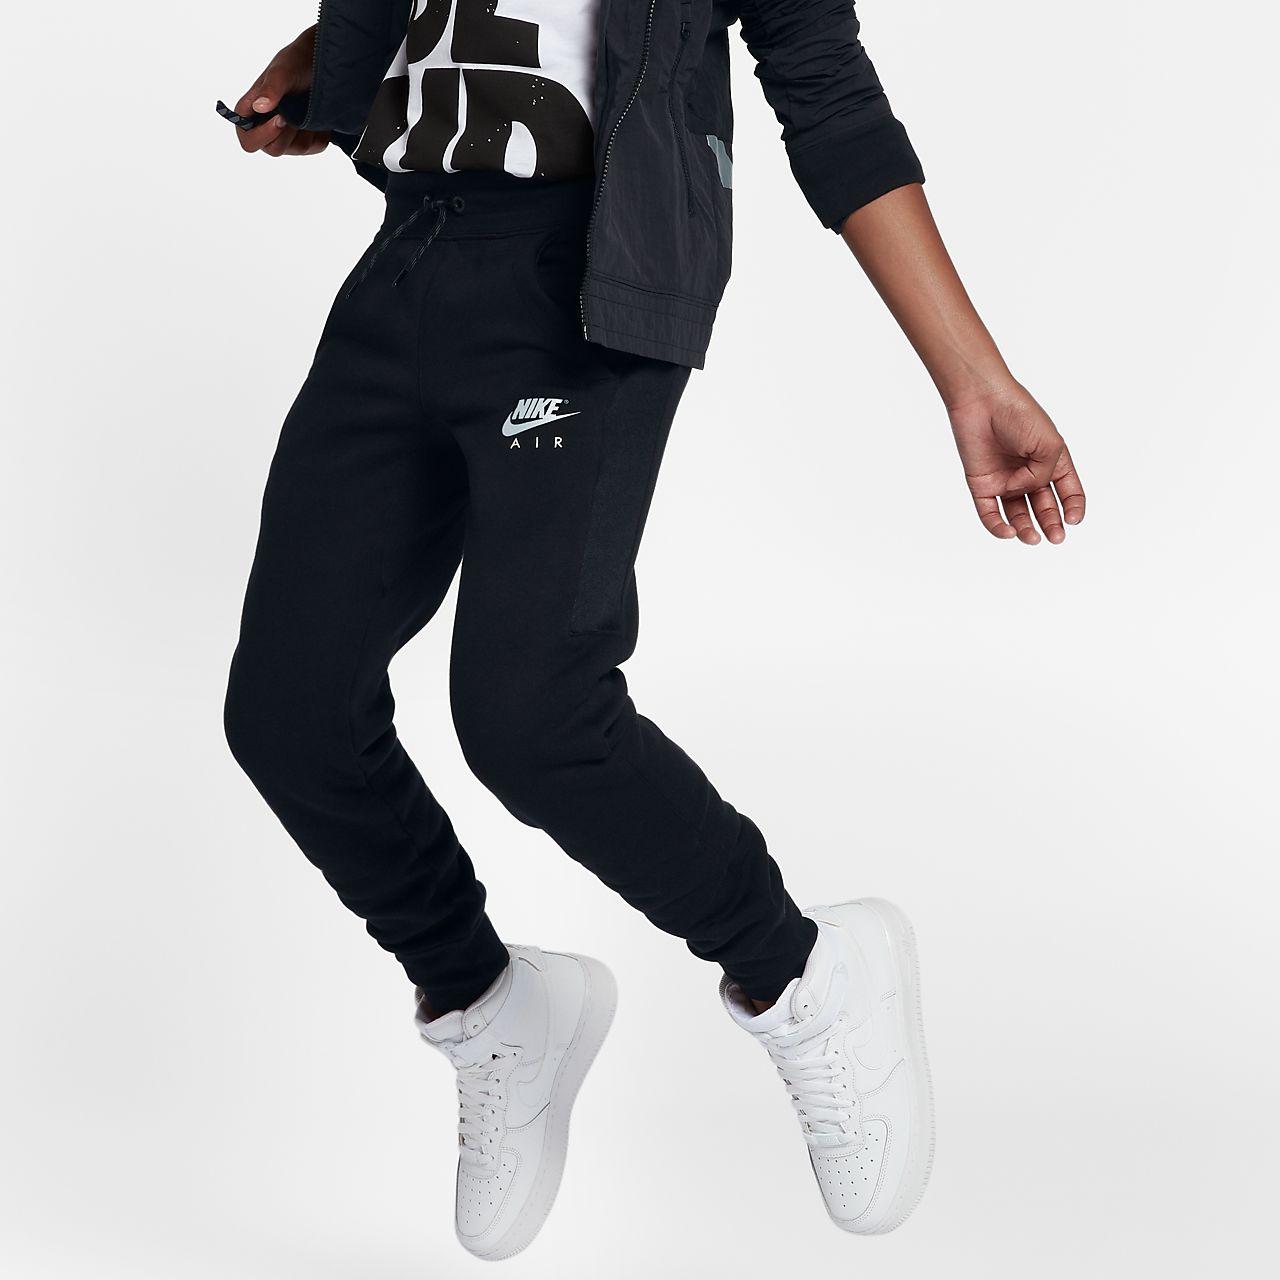 Nike Air bukse for store barn (gutt)